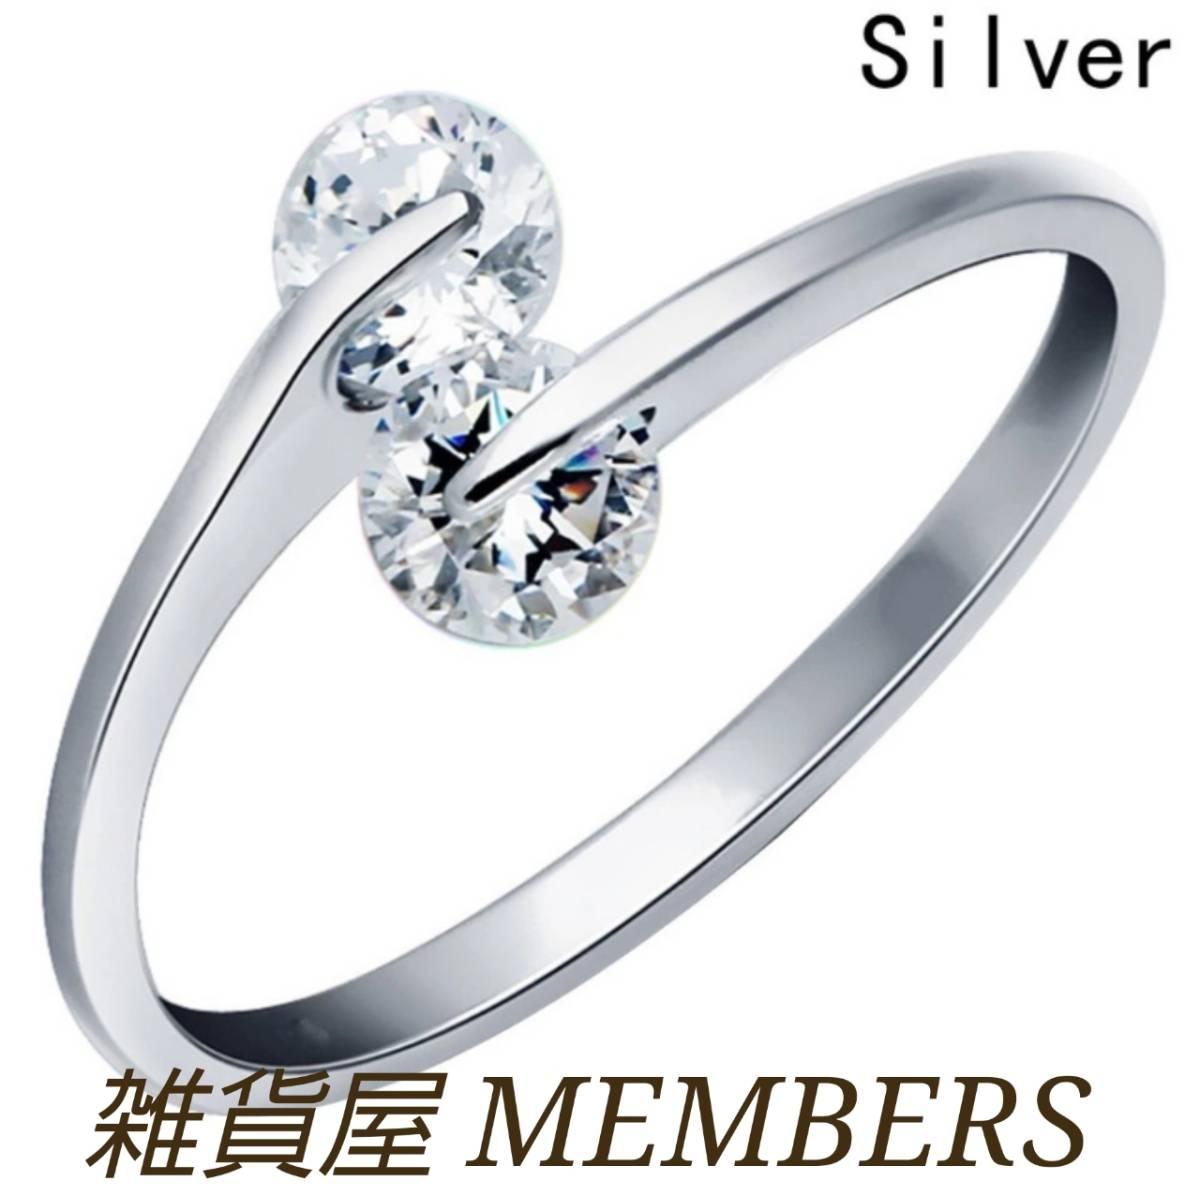 送料無料フリーサイズ14号クロムシルバー2ポイントスーパーCZダイヤモンドデザイナーズジュエリーリング指輪値下げ残りわずか_画像1